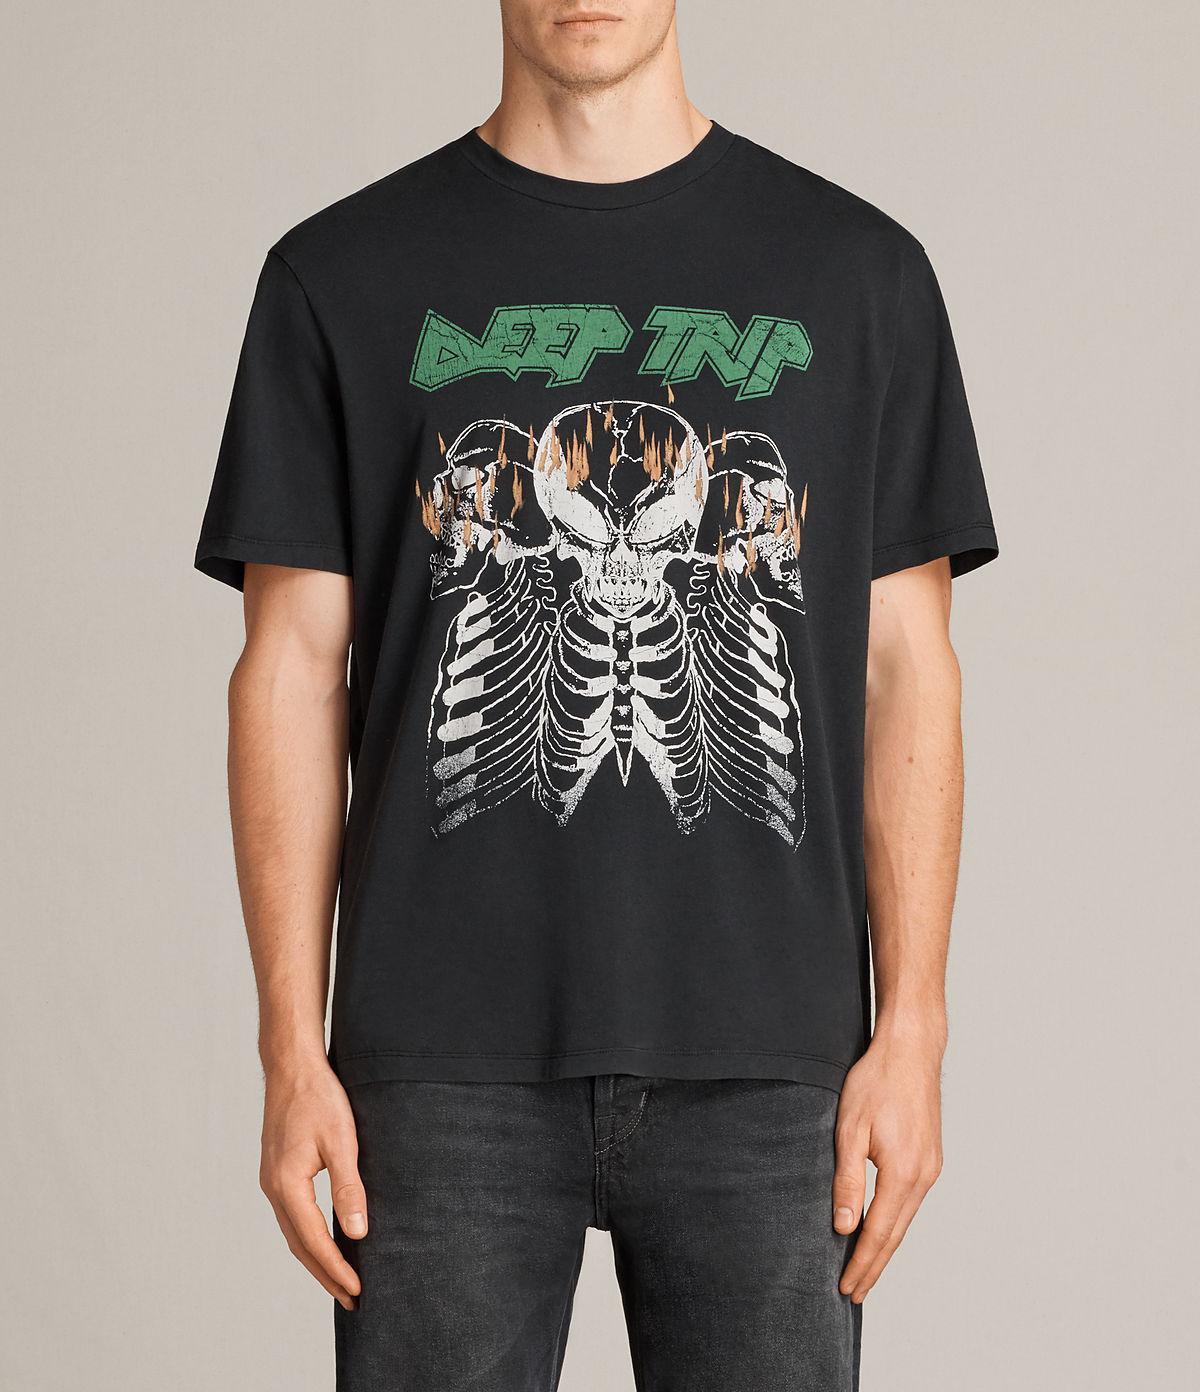 deep-trip-crew-t-shirt